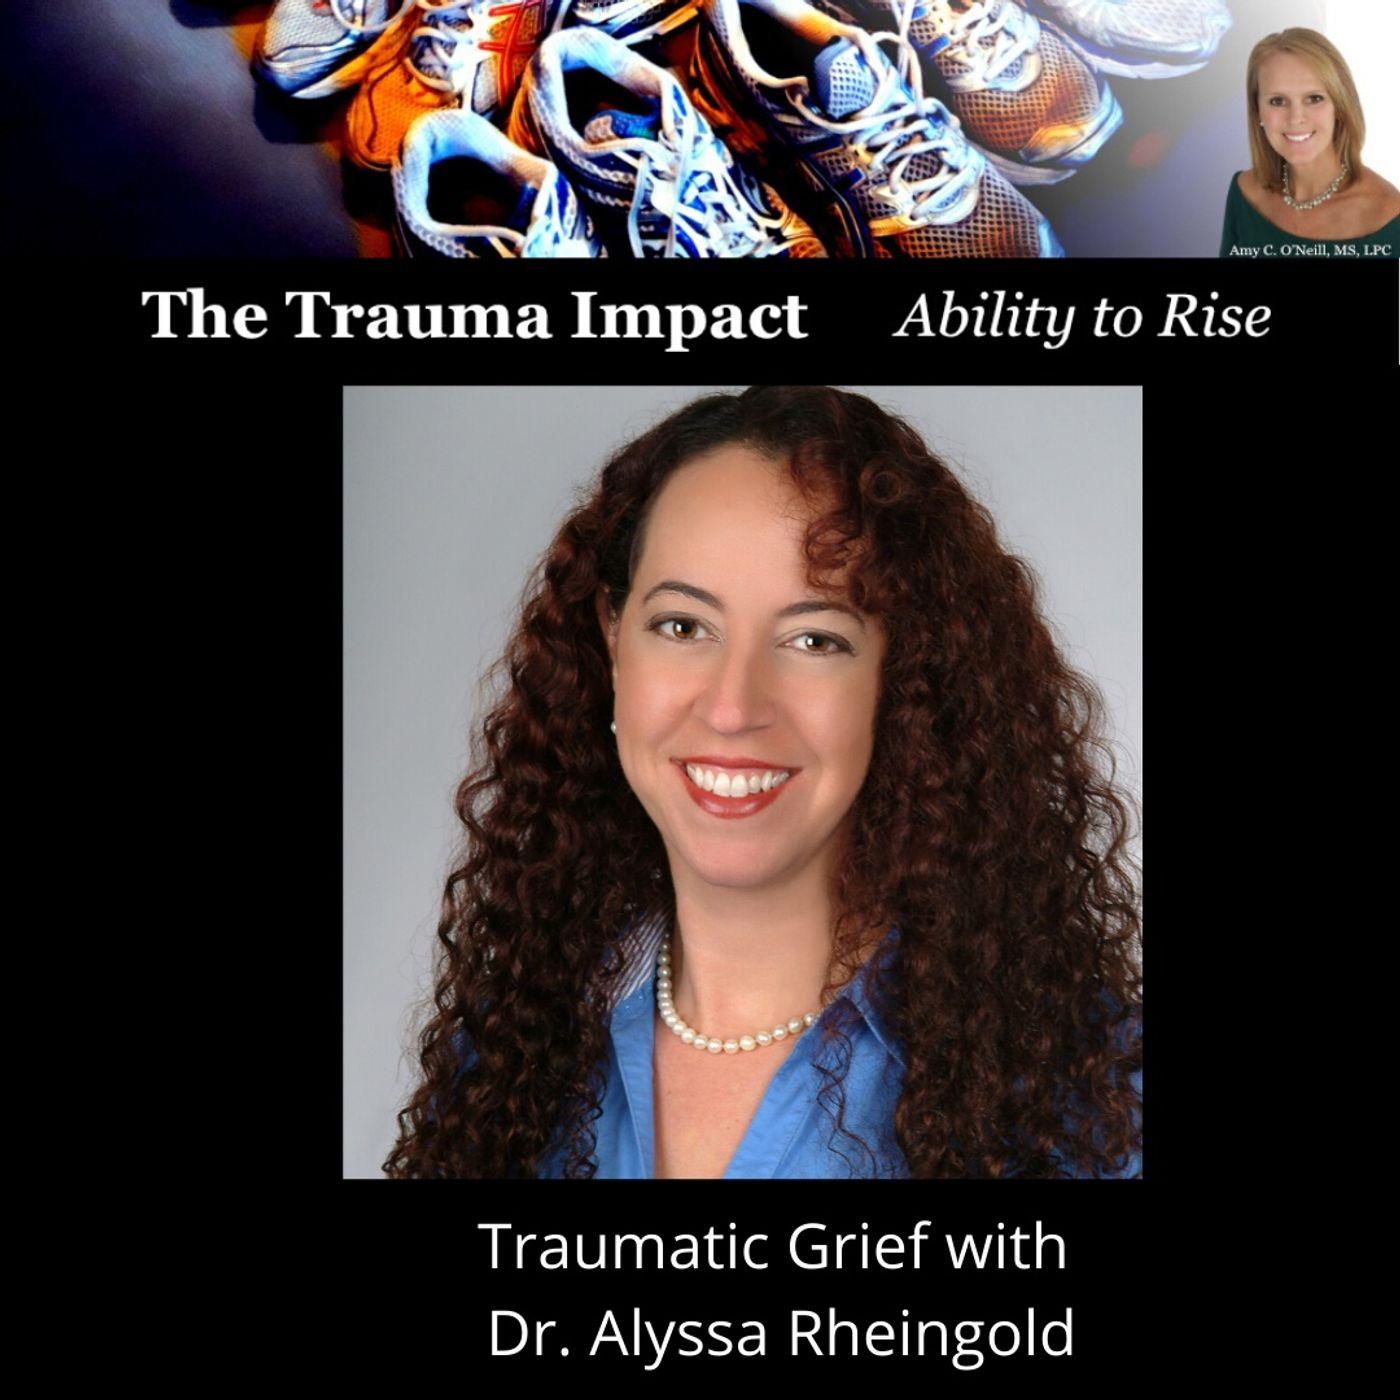 Traumatic Grief with Dr. Alyssa Rheingold